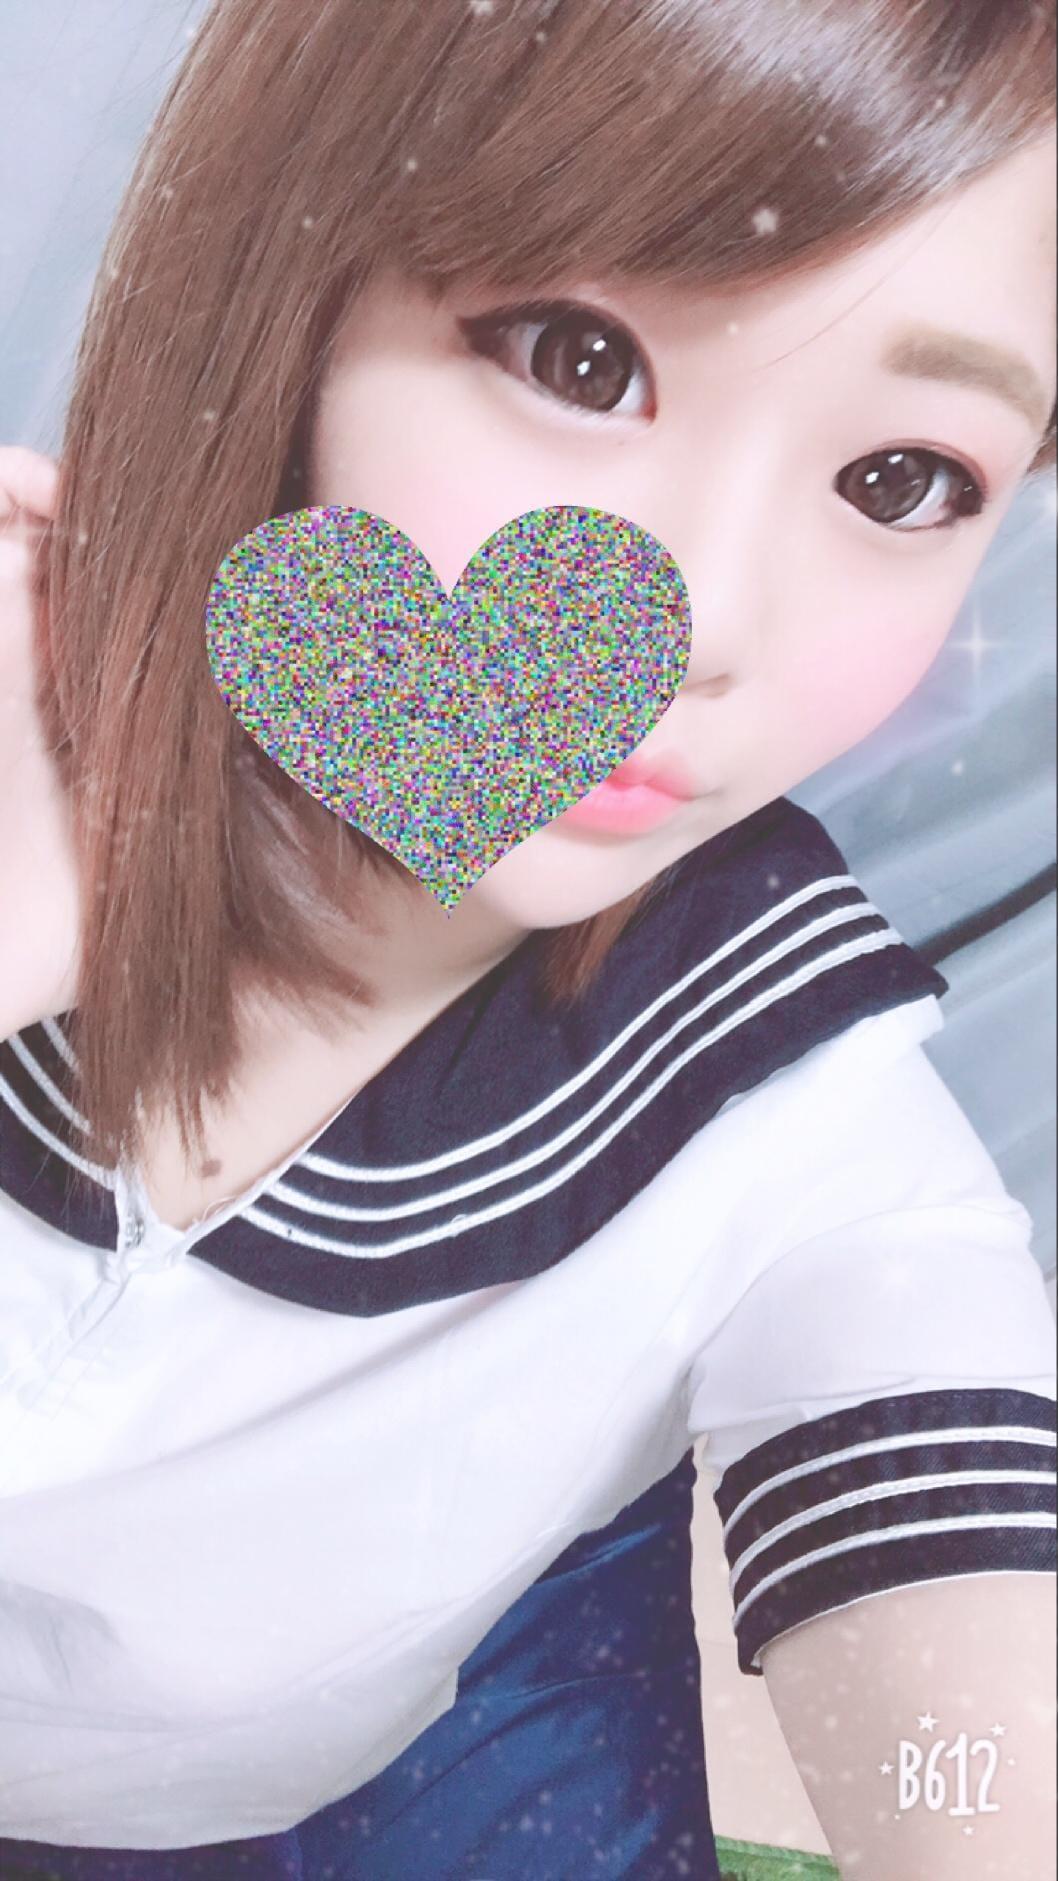 「?( ? ?ω?? )?」04/24(水) 16:28 | きゃれんの写メ・風俗動画